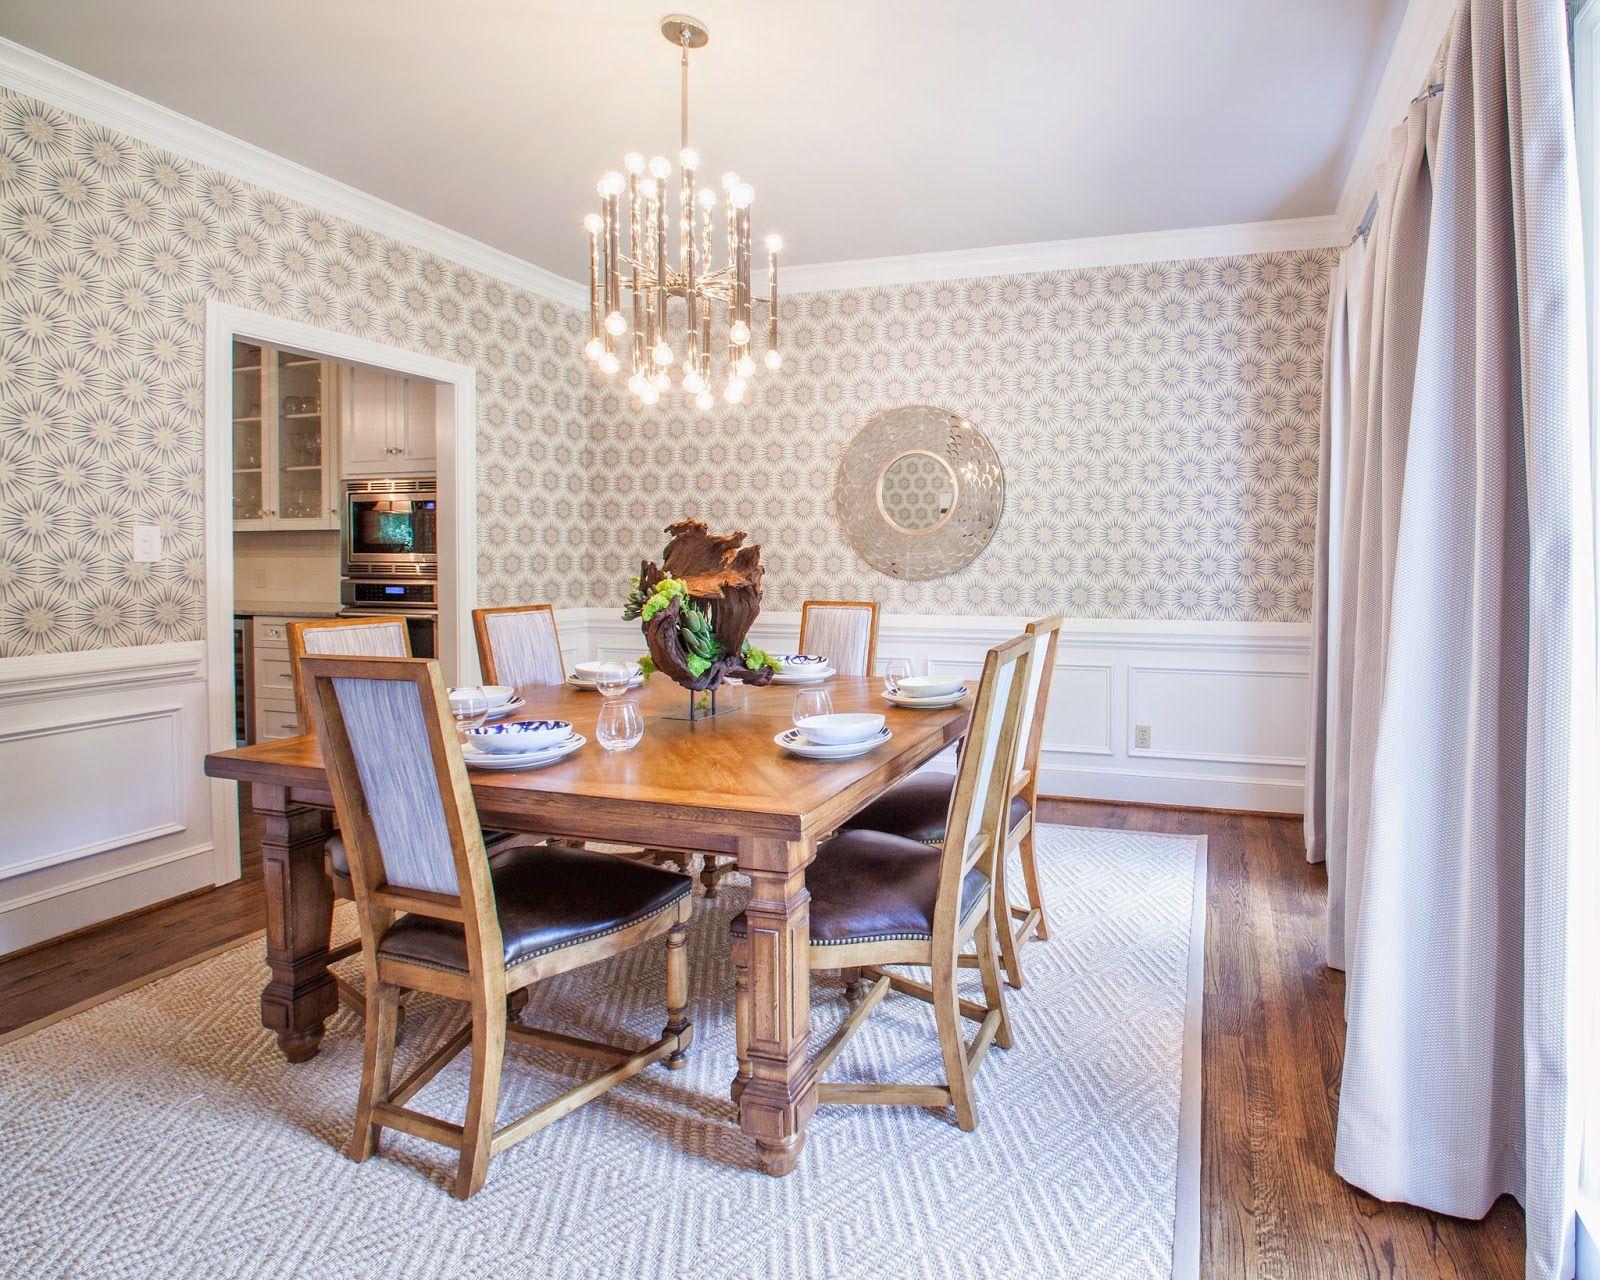 Comedor pared de papel pintado en beige decoracion for Comedor papel pintado